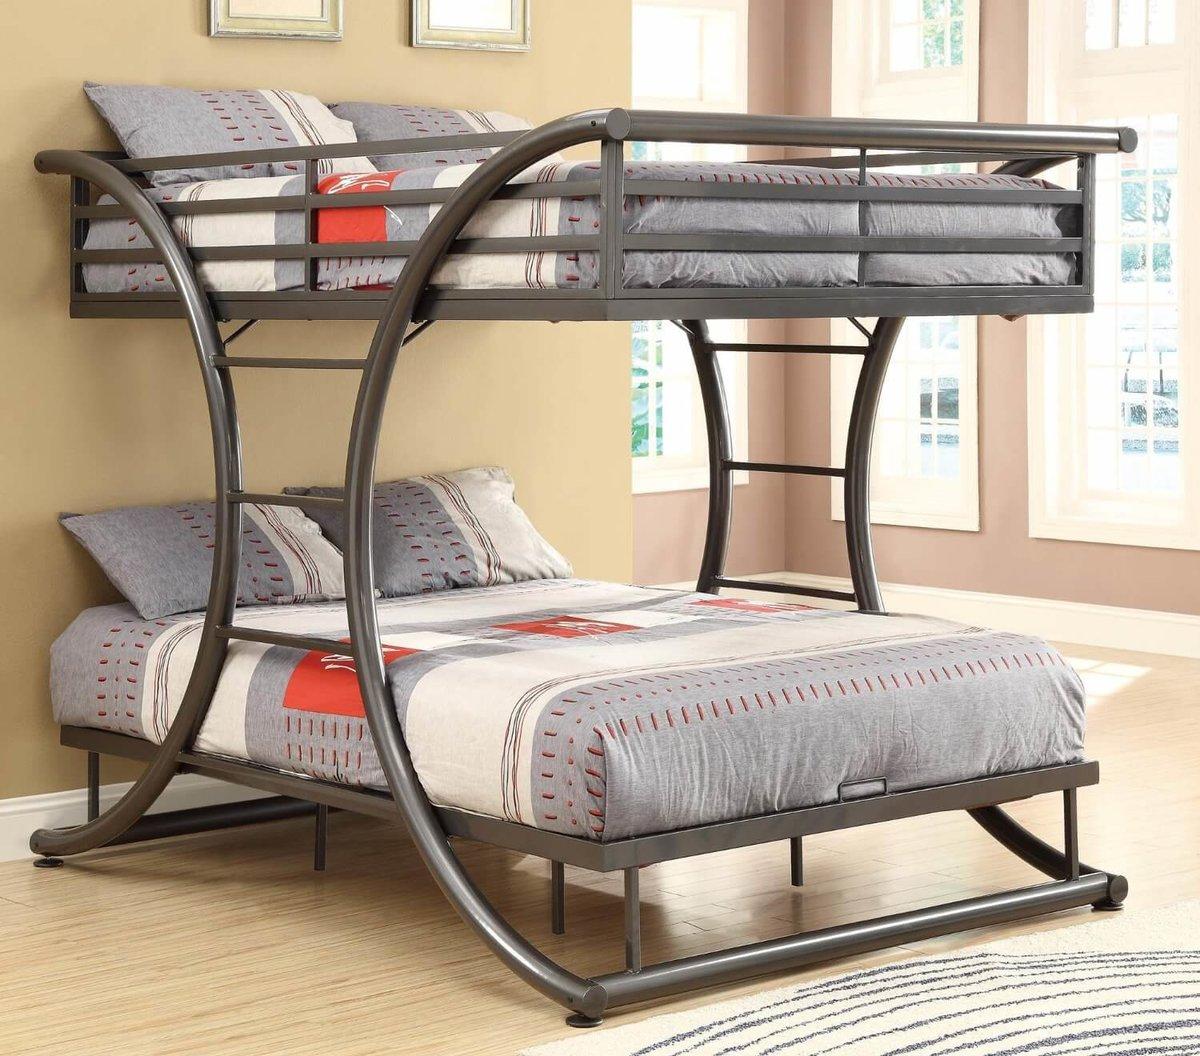 металлическая двухъярусная кровать идеи дизайн